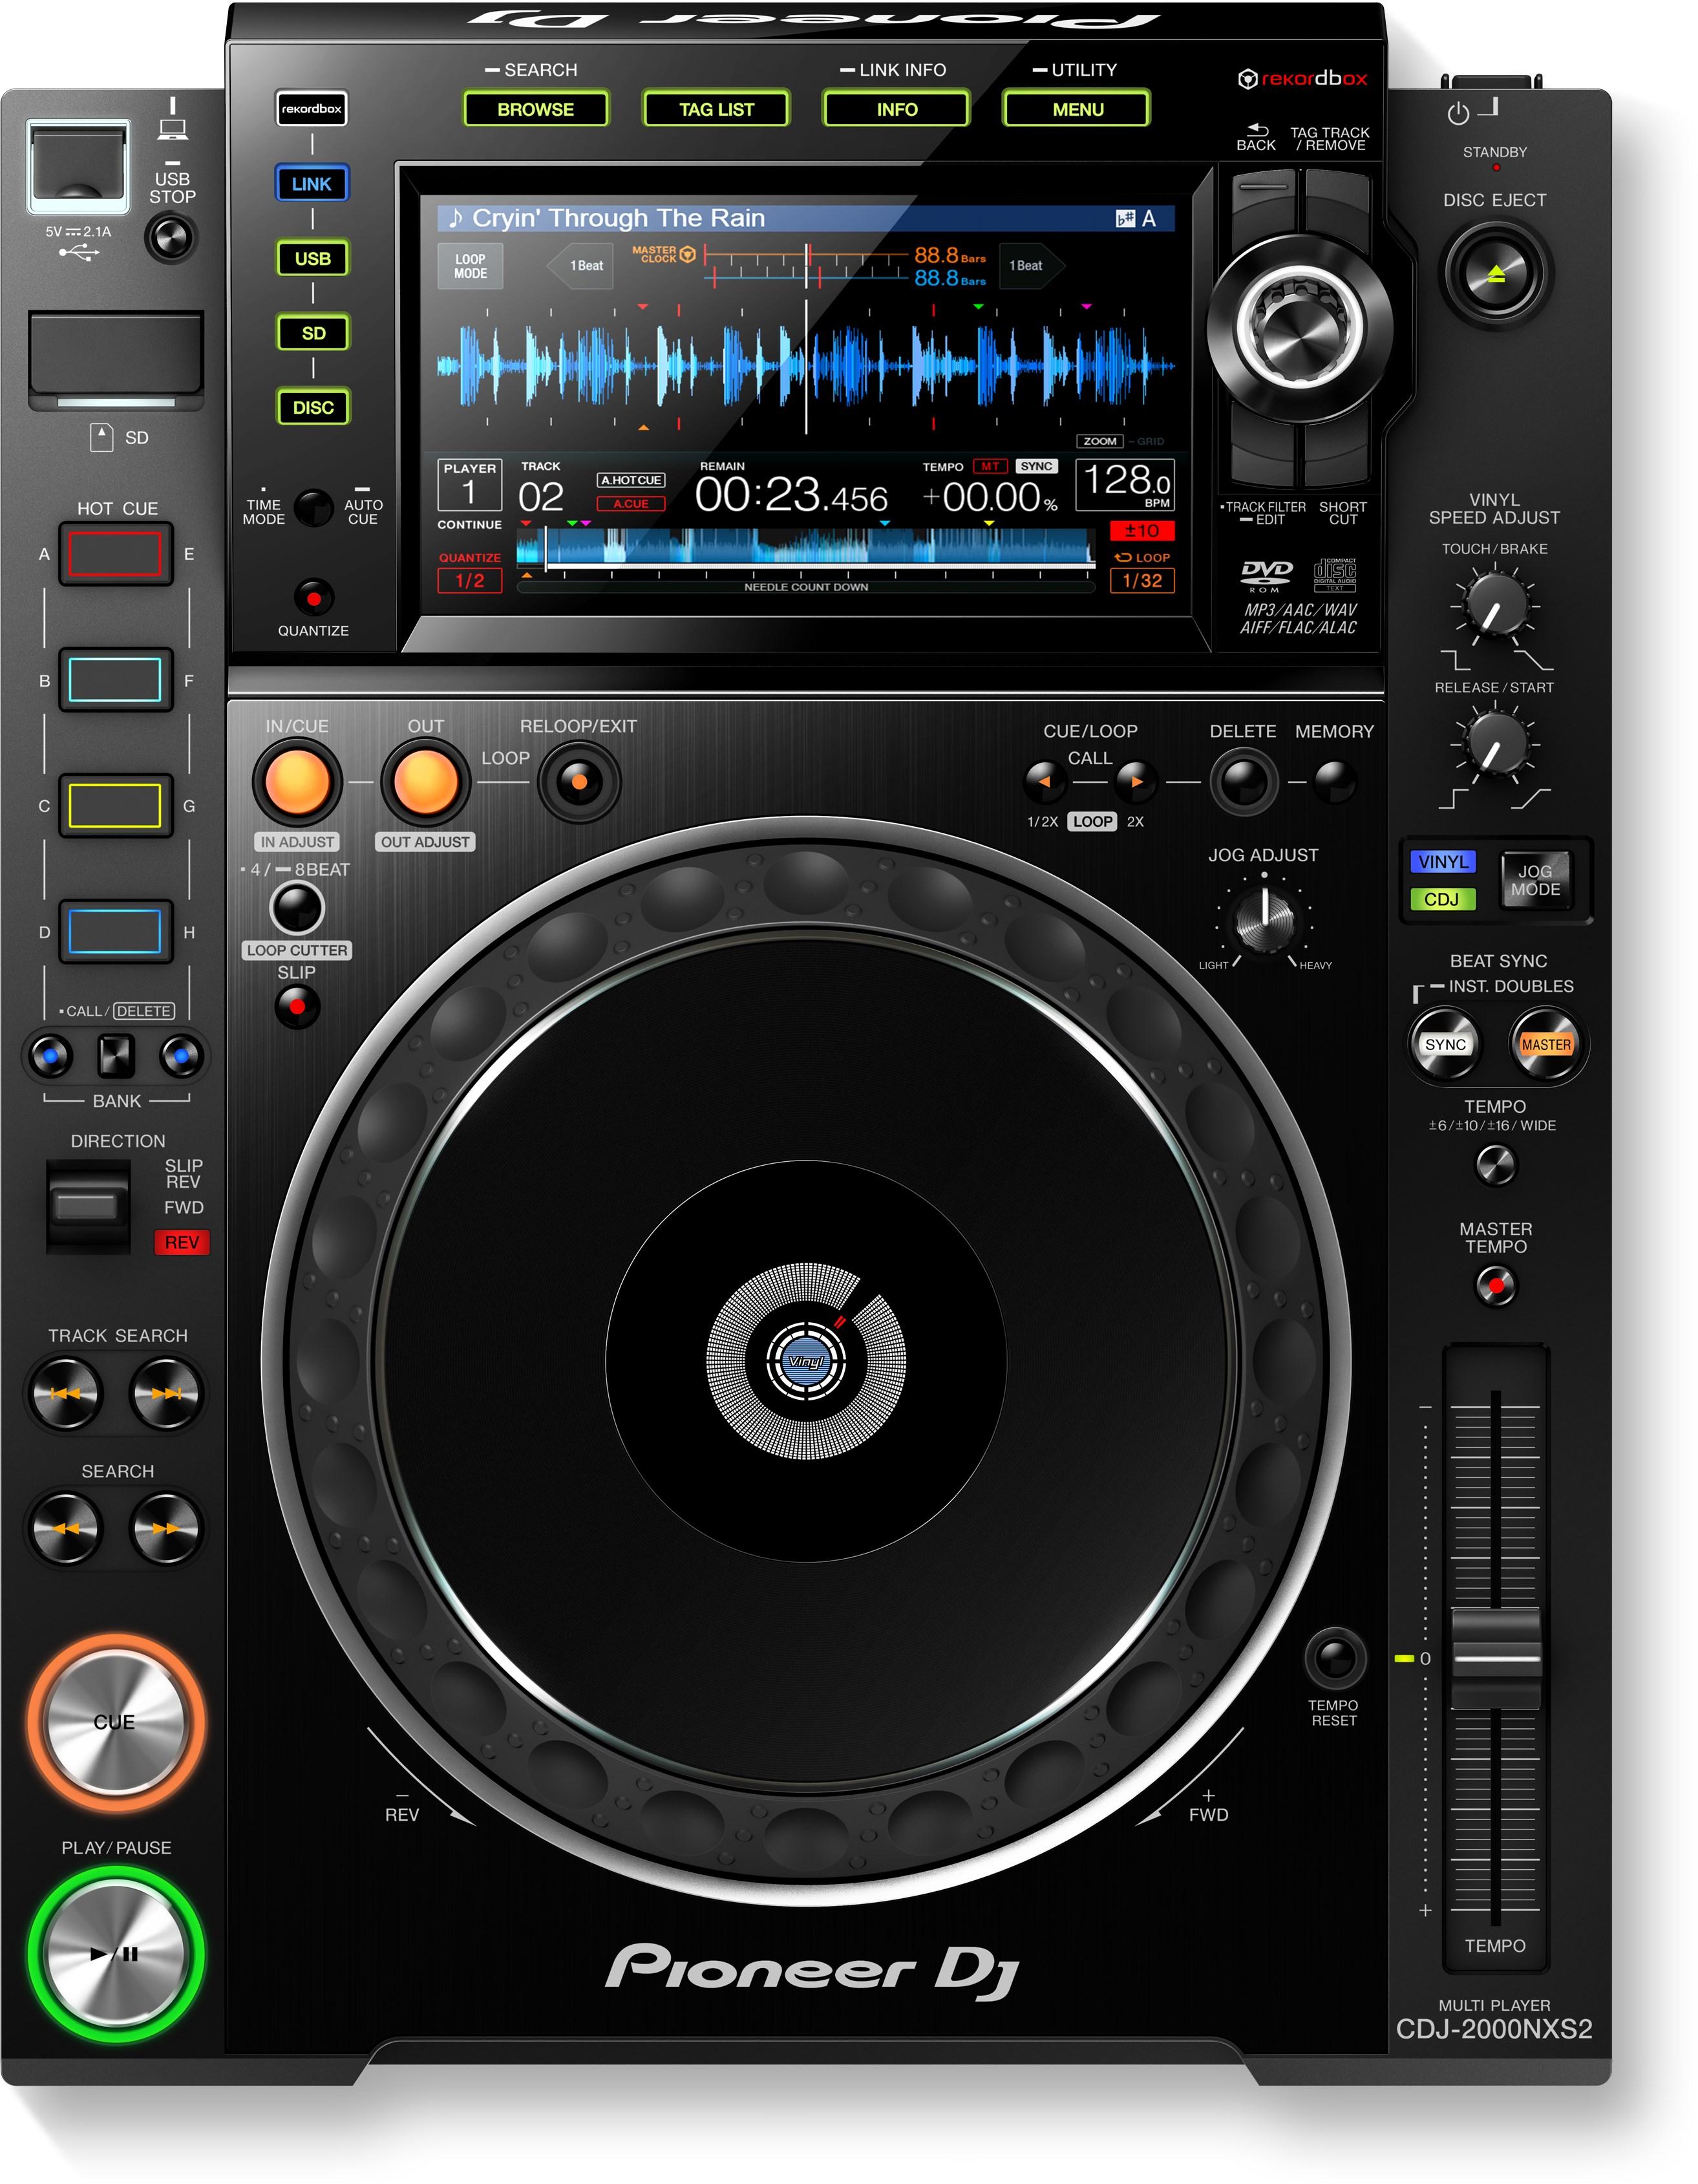 Pioneer CDJ-2000NXS2 [CDJ]